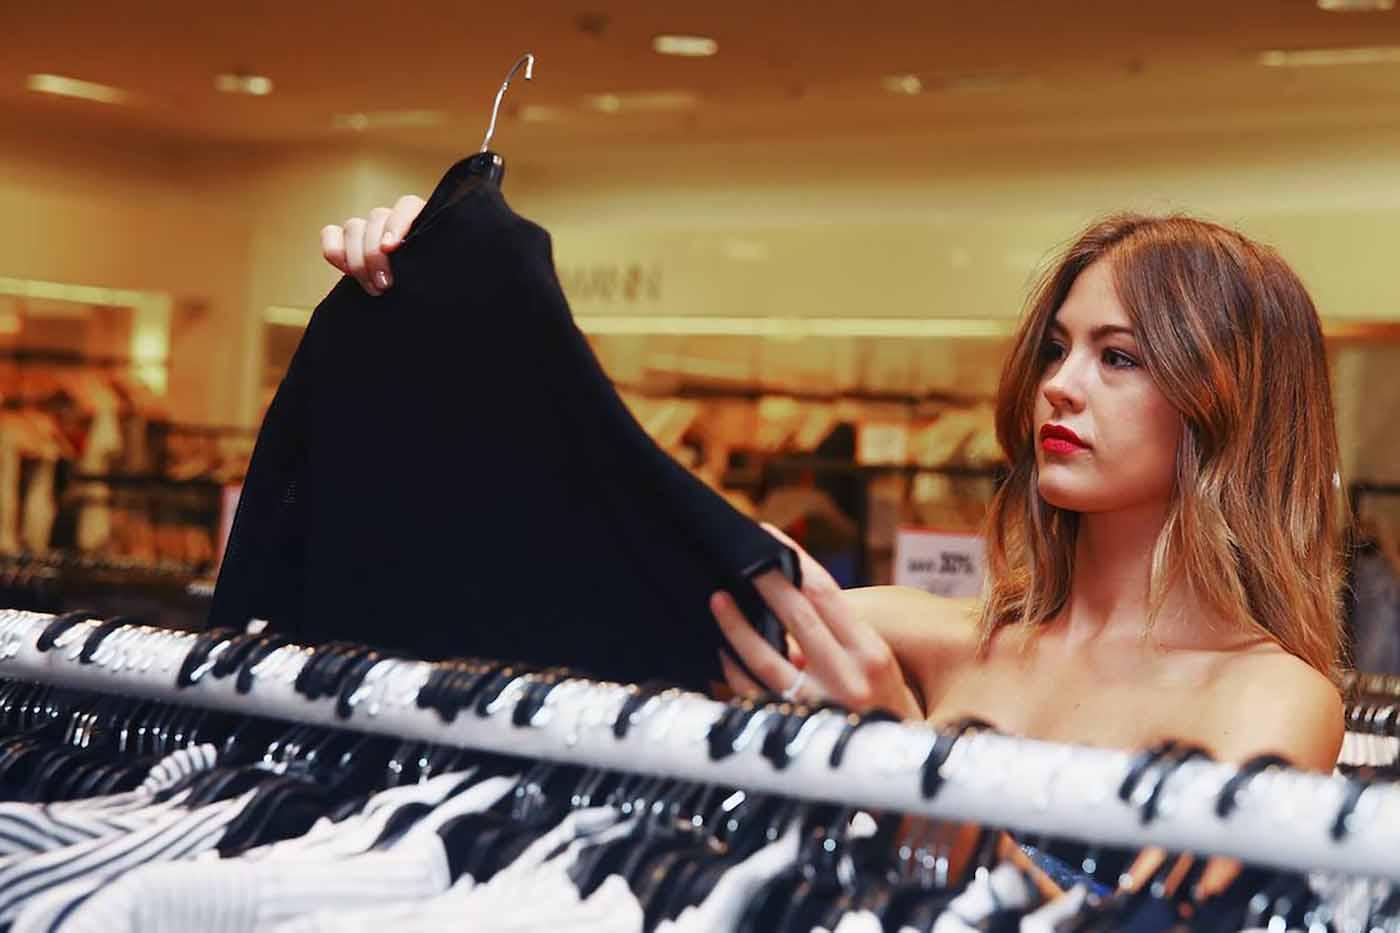 Hızlı modanın gezegen üzerindeki etkileri